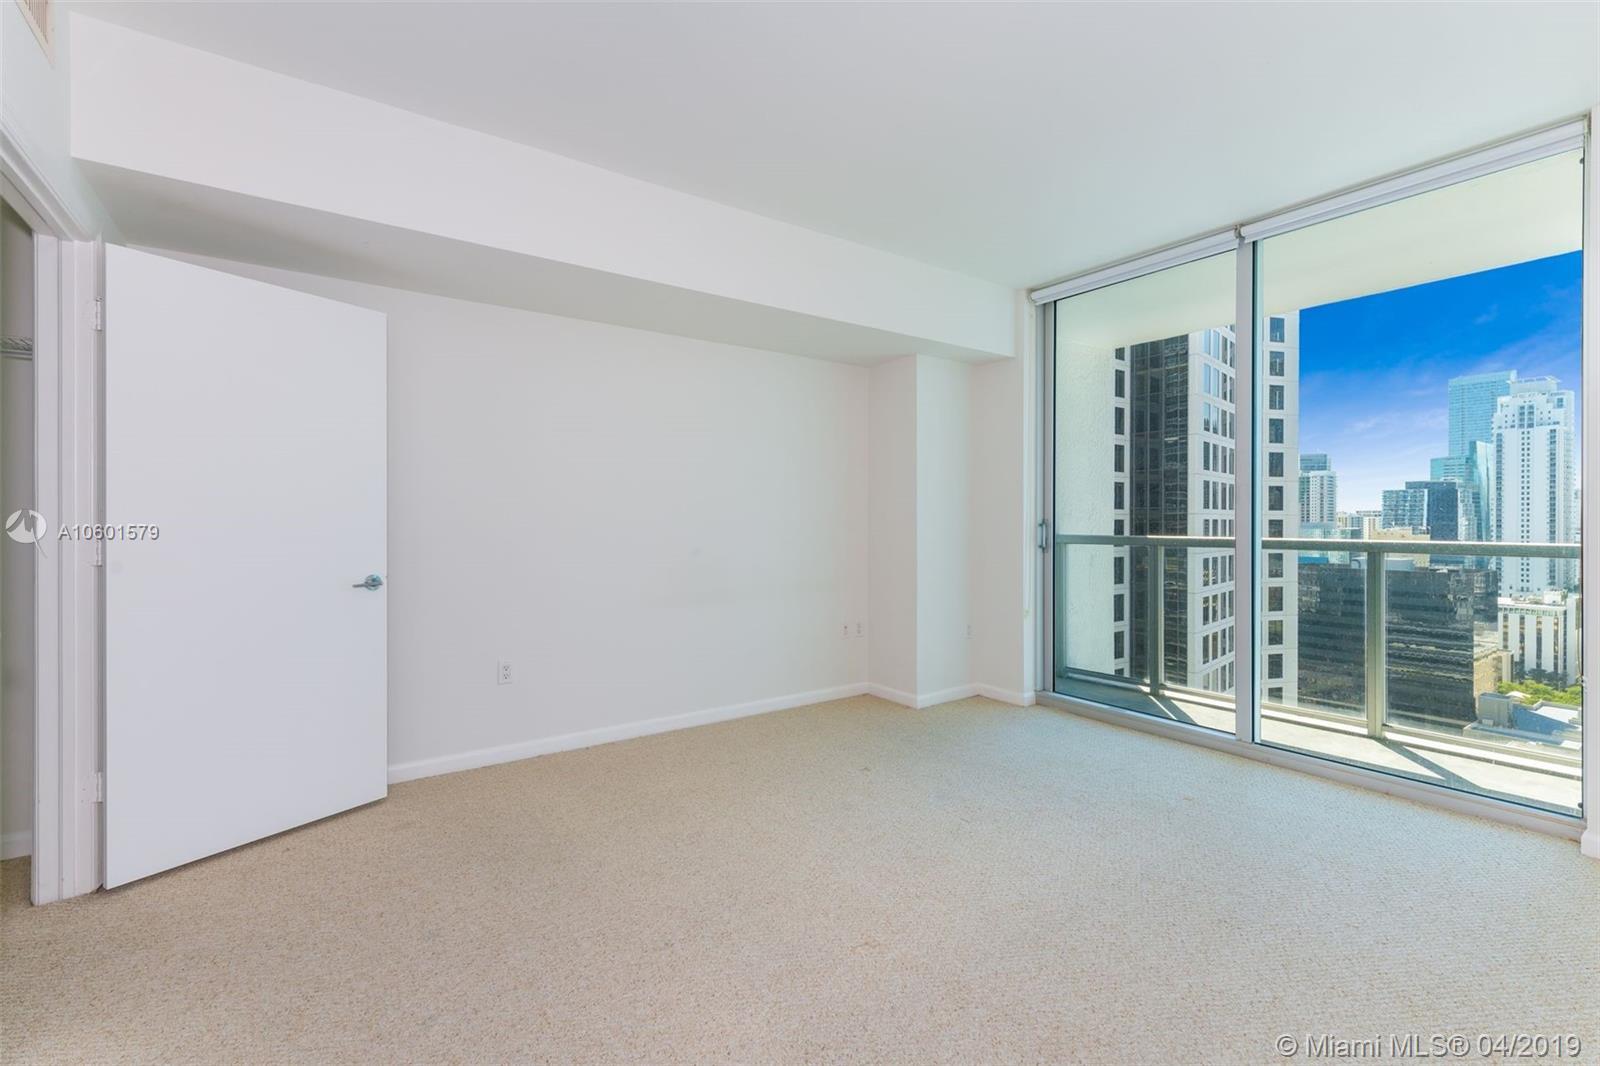 500 Brickell Avenue and 55 SE 6 Street, Miami, FL 33131, 500 Brickell #2704, Brickell, Miami A10601579 image #12